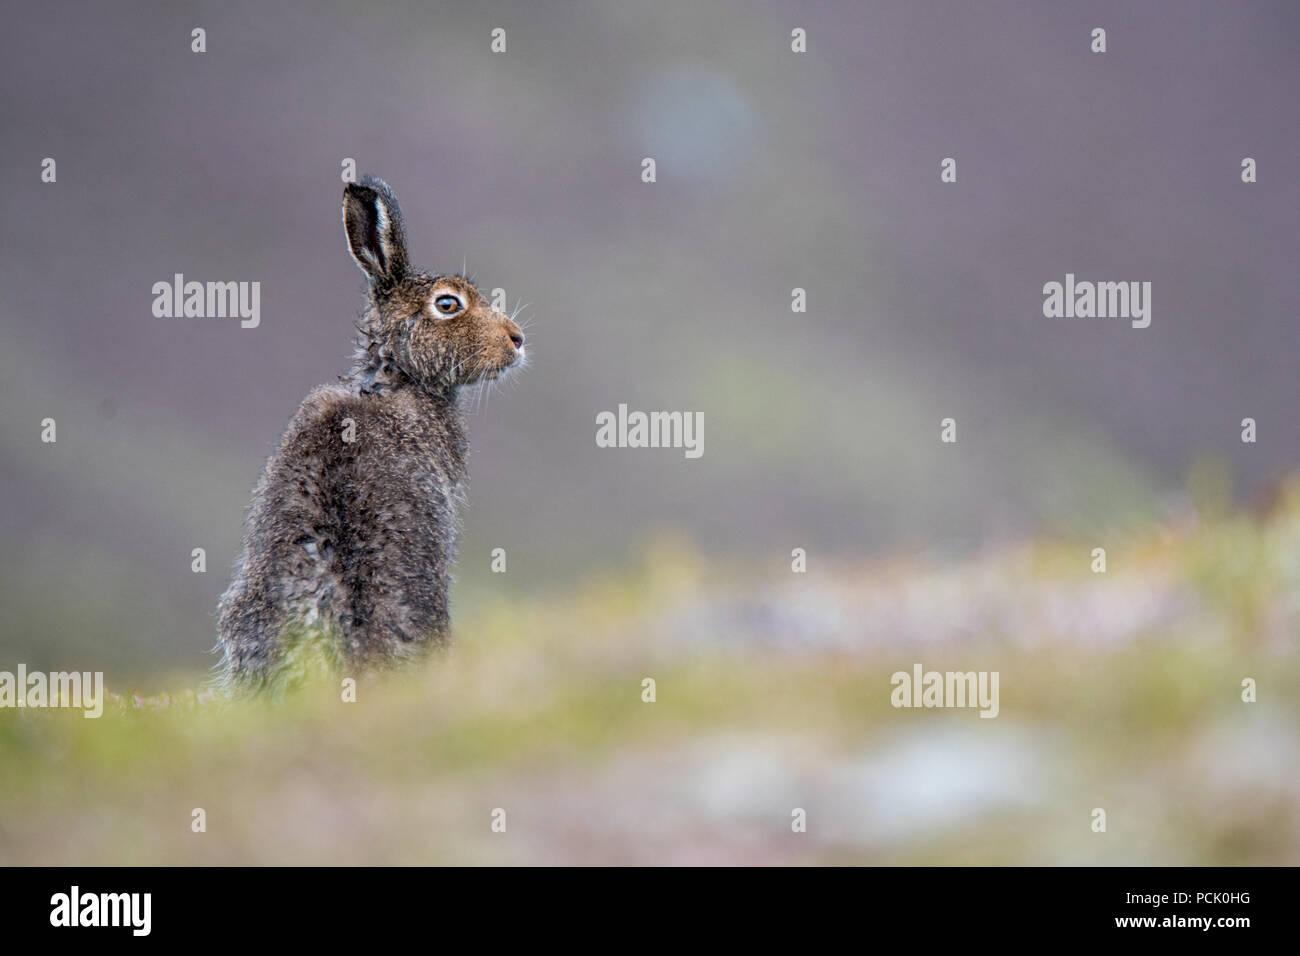 Wet Lièvre variable (Lepus timidus) assis sur la colline, dans l'été après la pluie douche Photo Stock